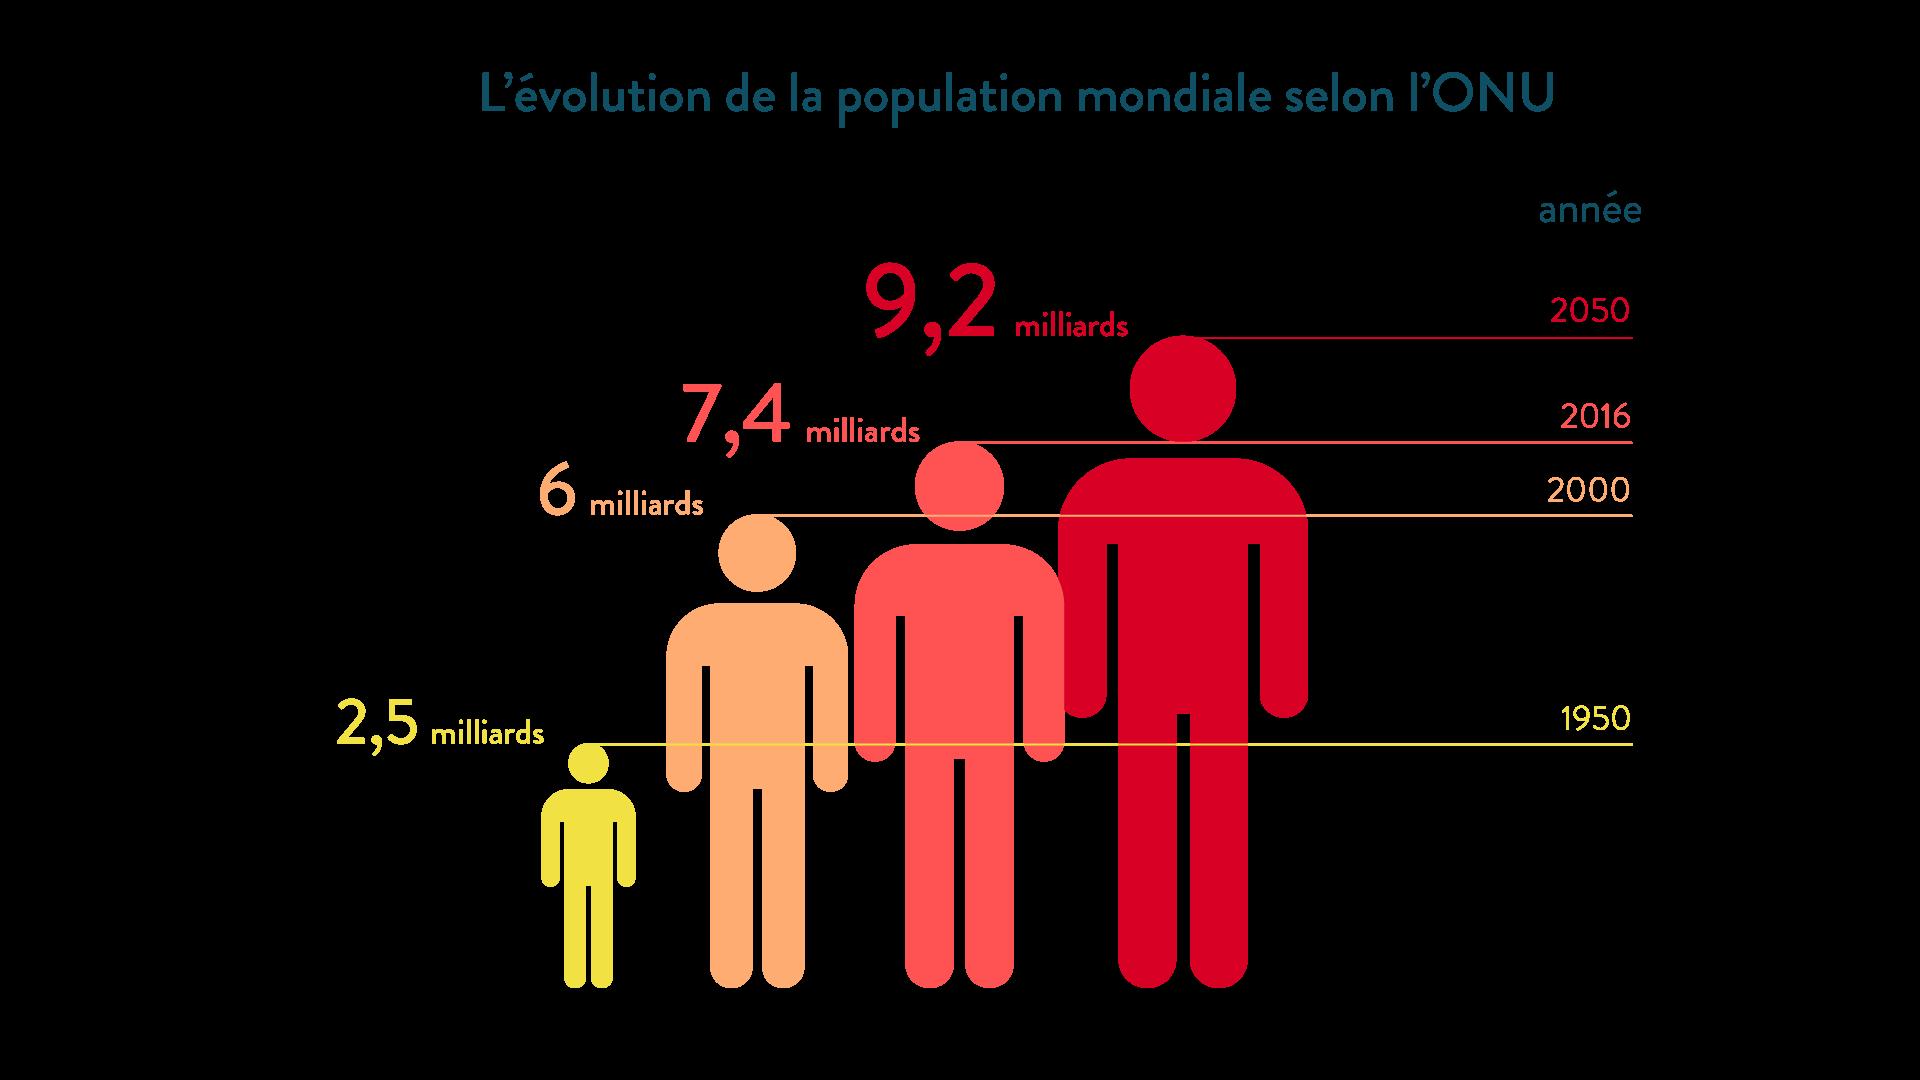 L'évolution de la population mondiale selon l'ONU géographie cinquième